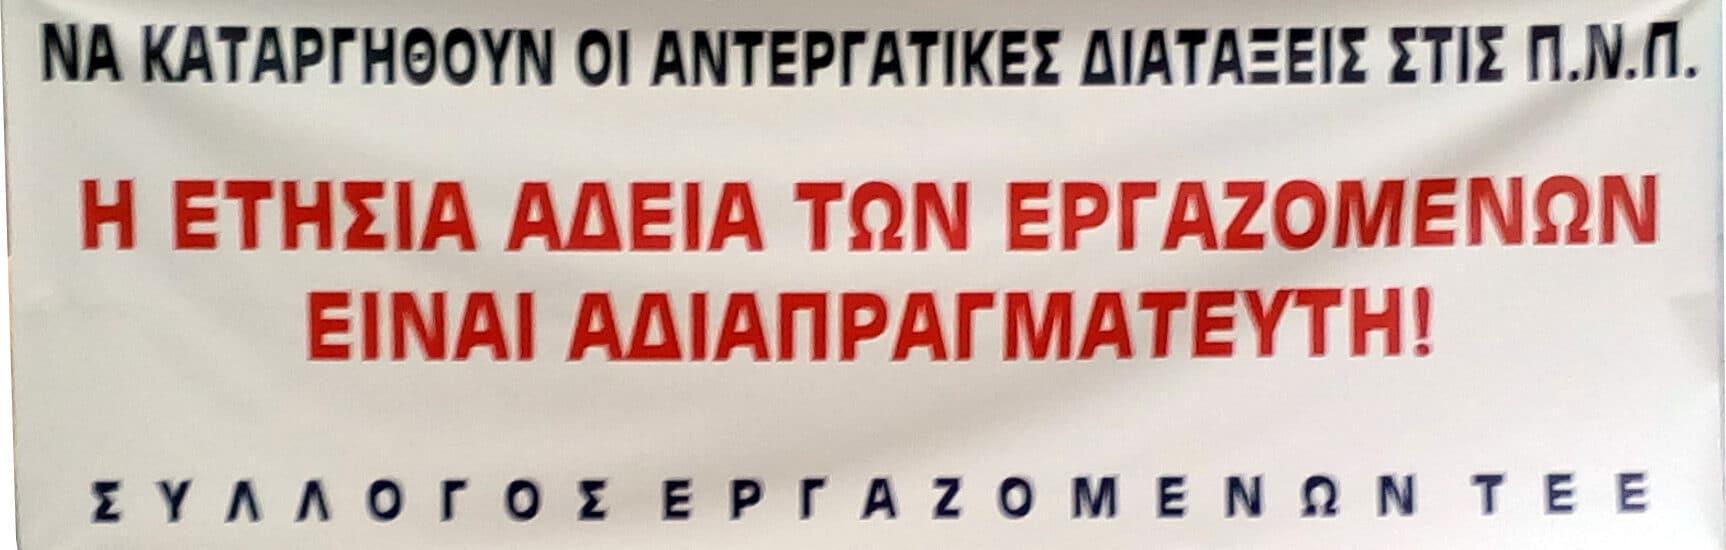 Σωματεία Δημόσιου και Ιδιωτικού Τομέα: Όχι στη χρέωση ημερών κανονικής άδειας για τις άδειες Ειδικού Σκοπού!